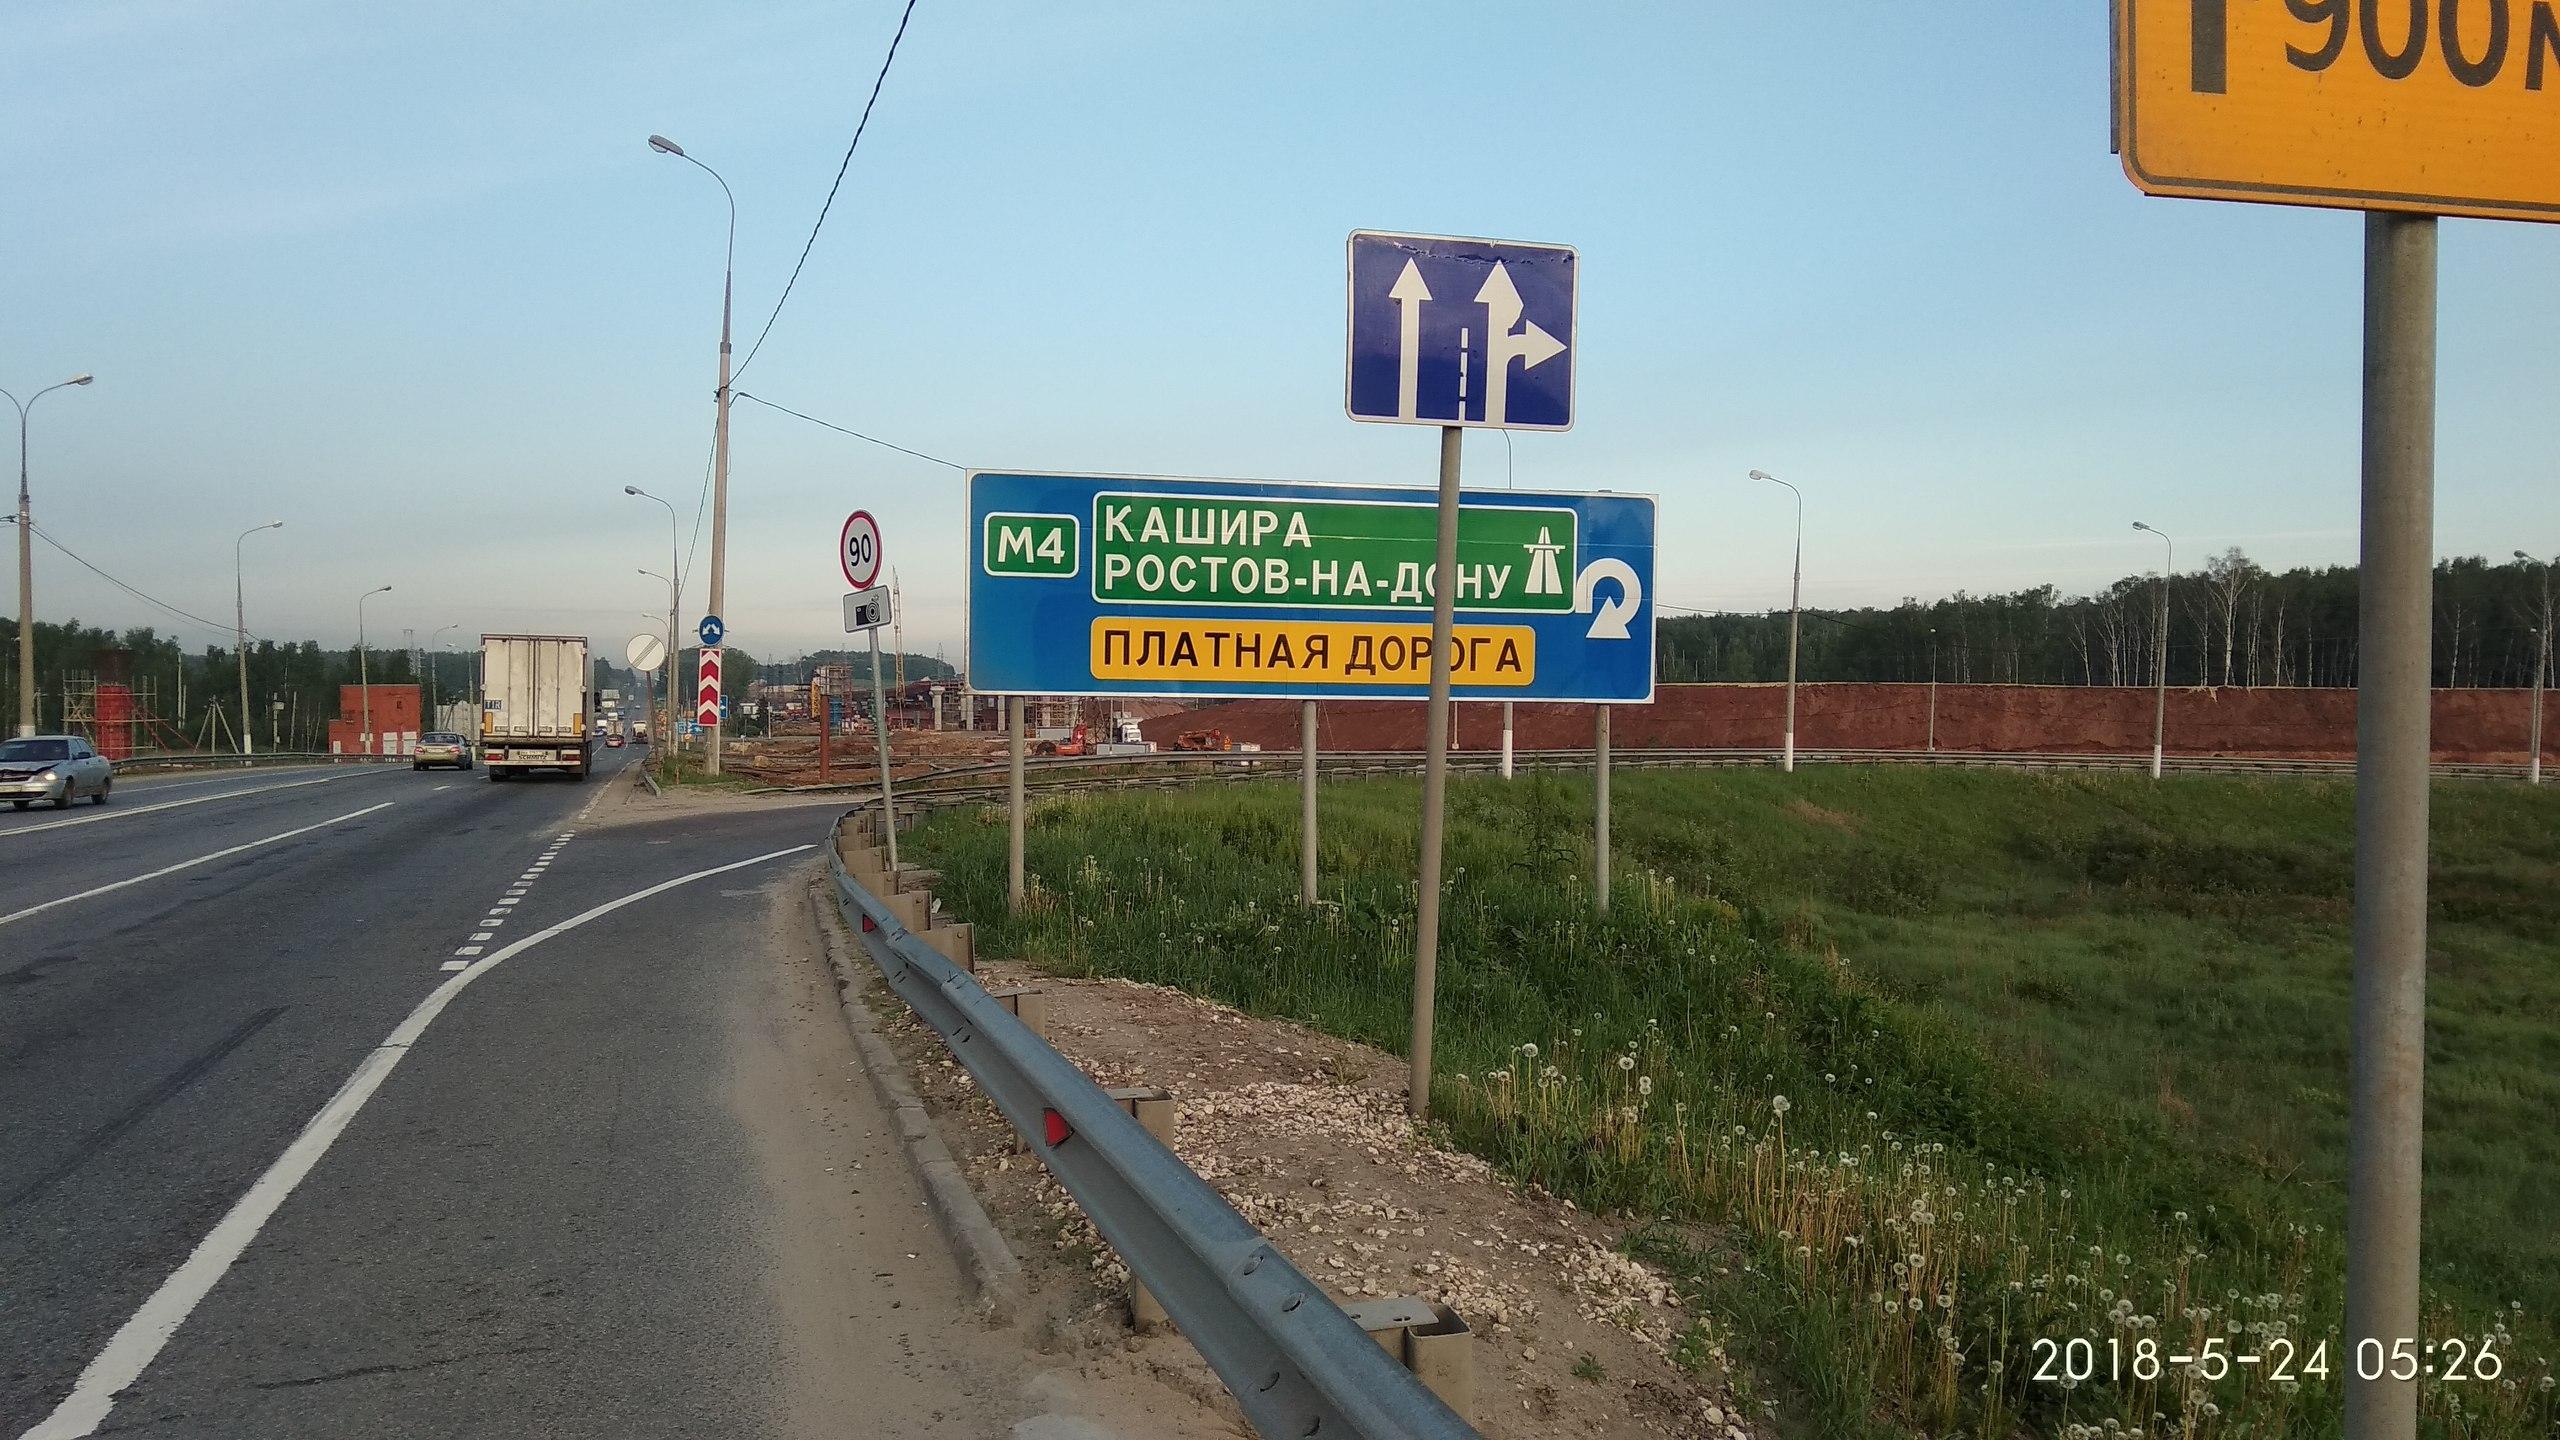 Покатушка *Крым - 2018* - лайт